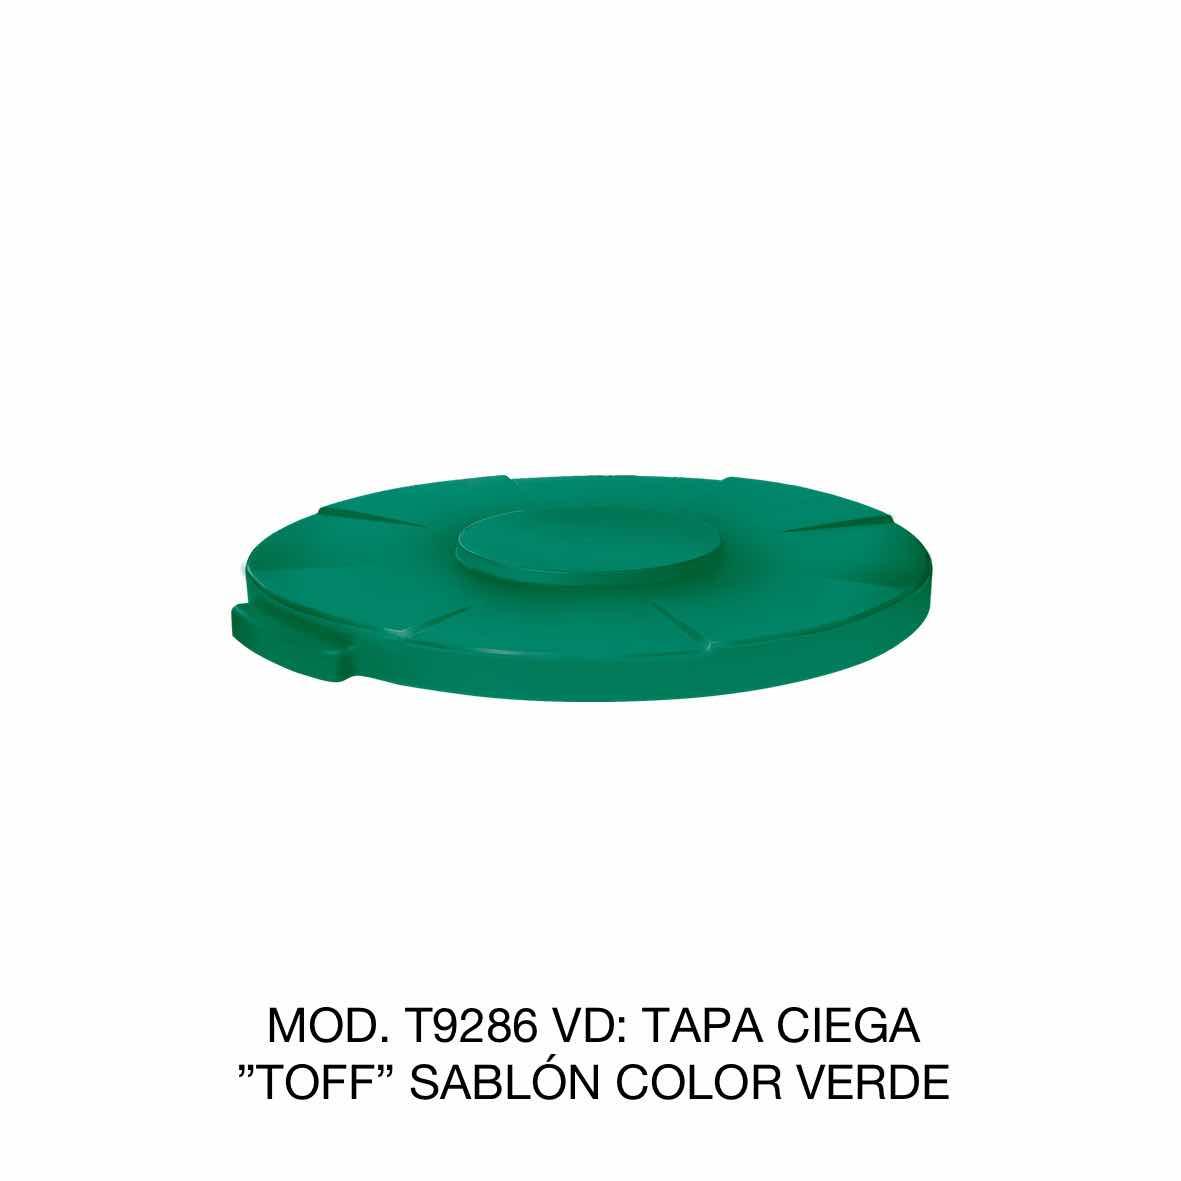 Tapa para contenedor de basura de 120 litros TOFF modelo T9286 VD color verde de Sablón